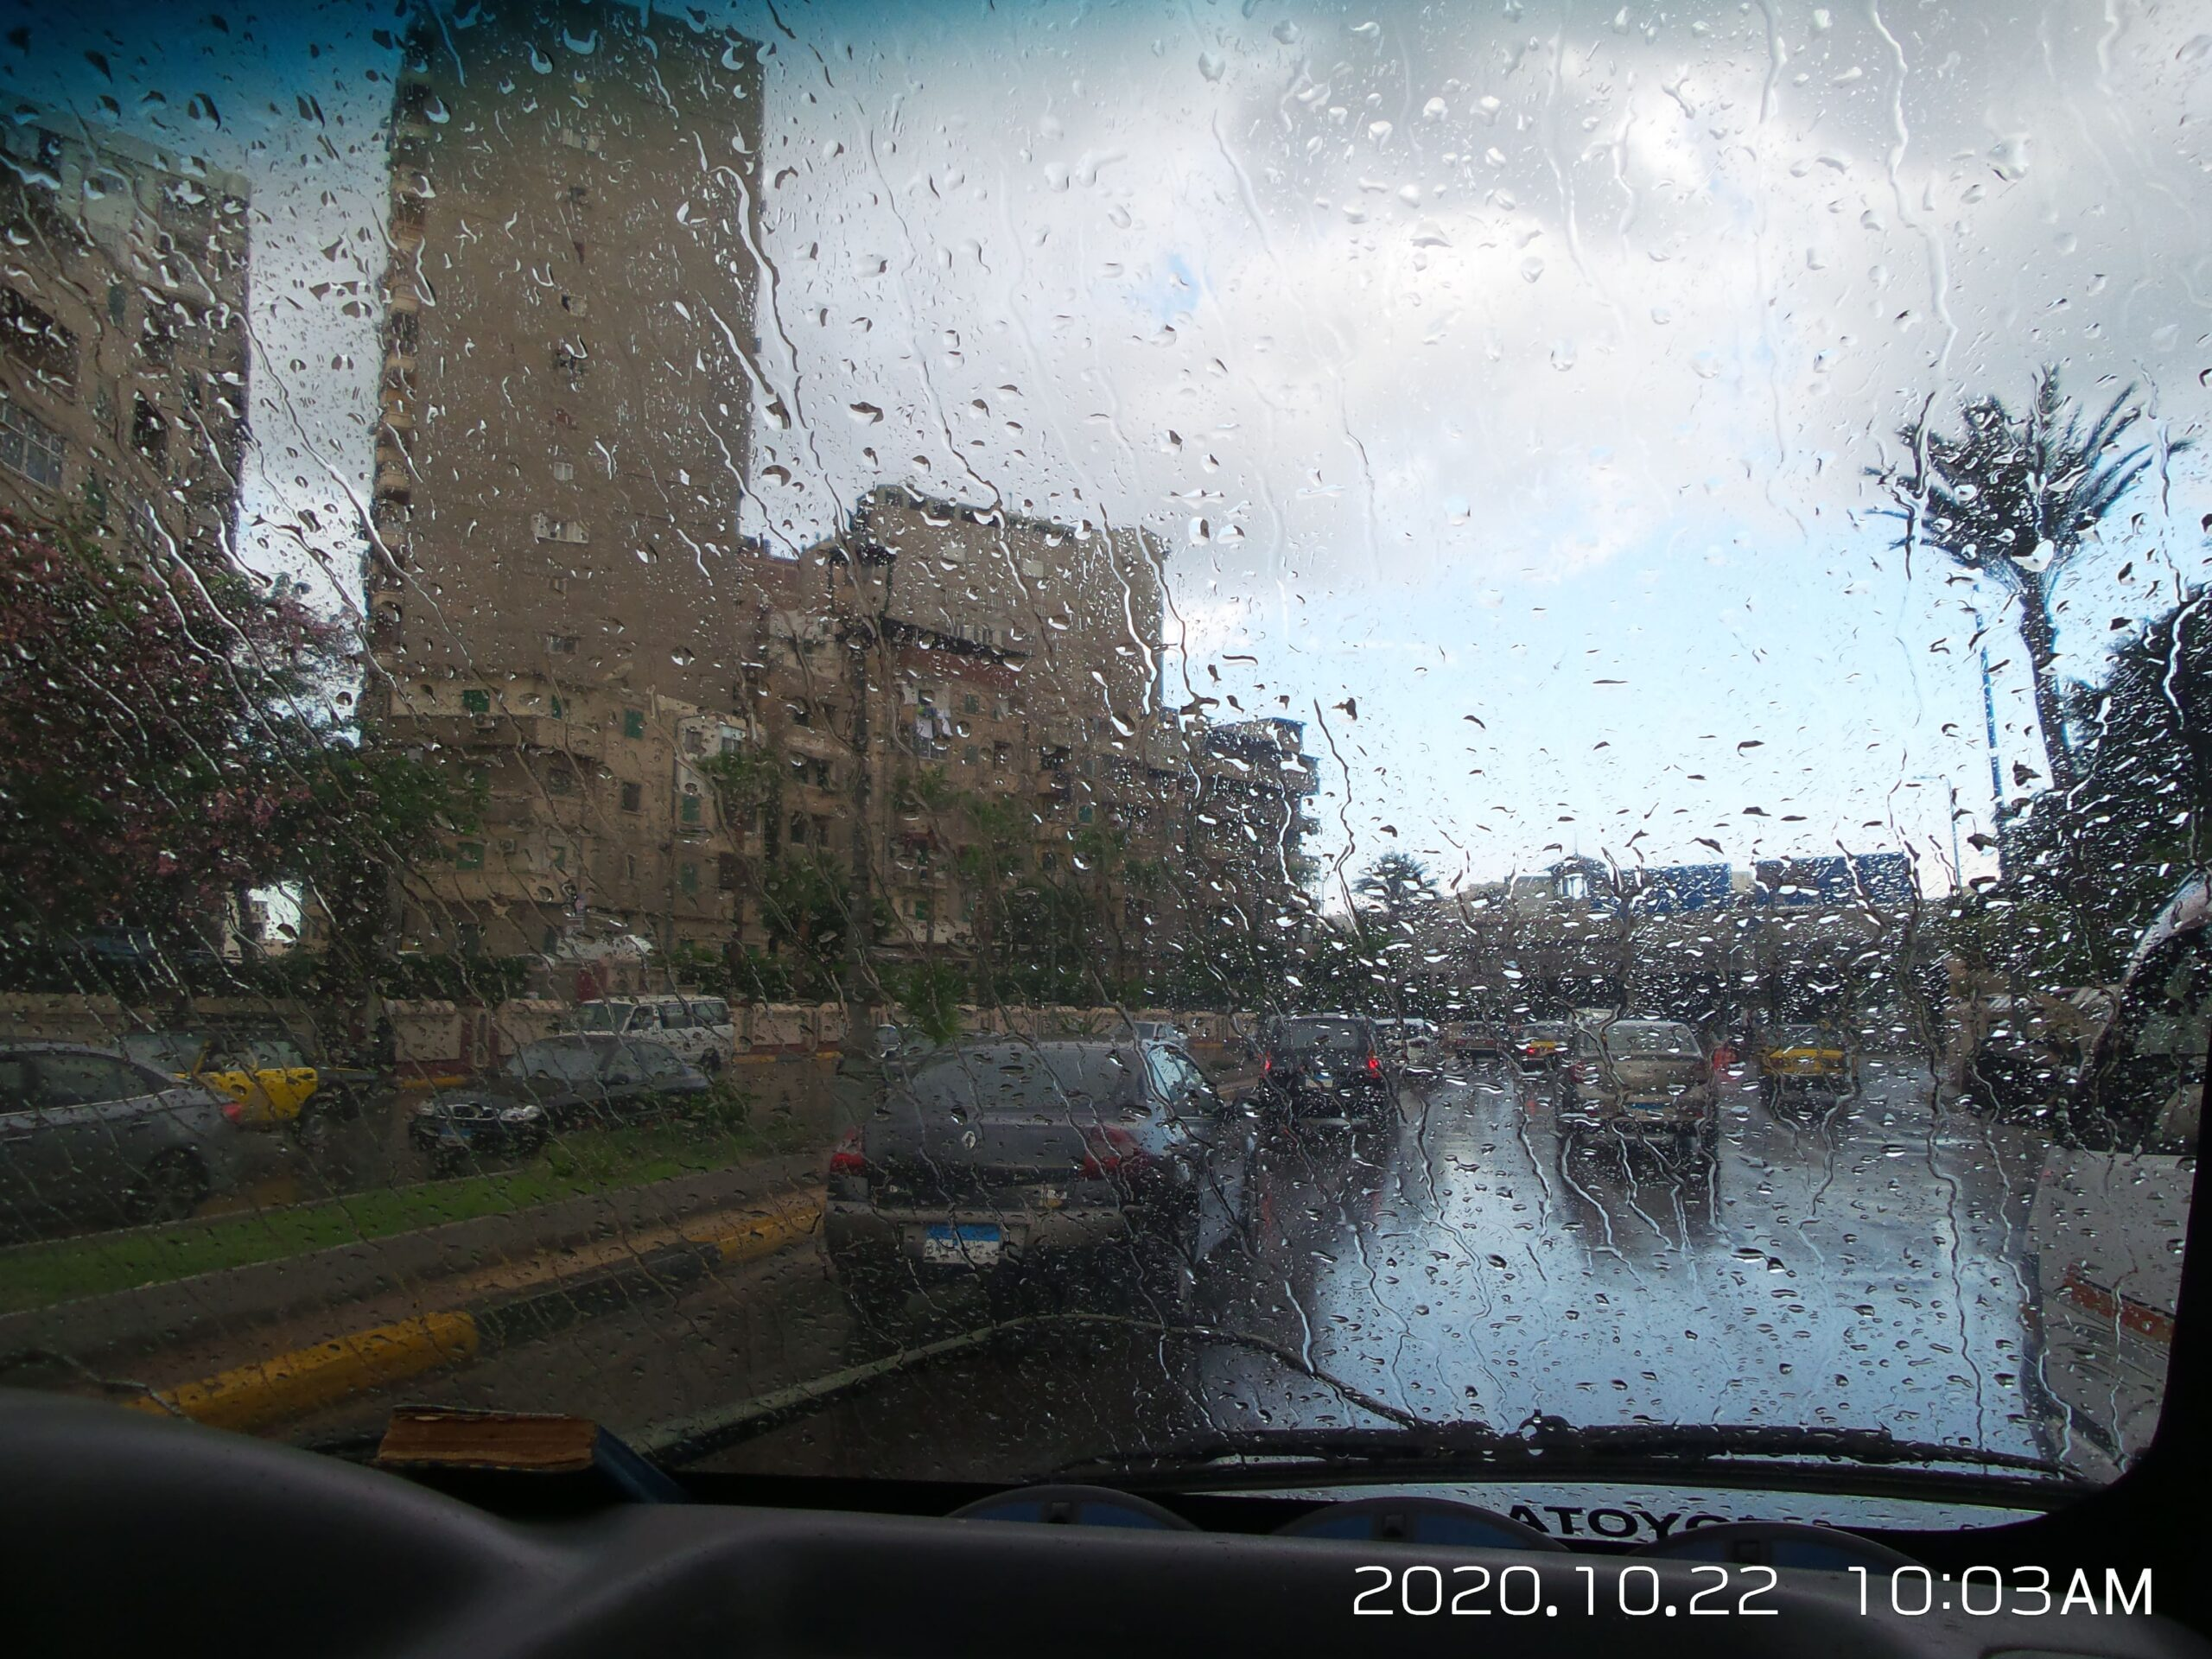 ملخص اخبار الطقس بالاسكندرية فى المنخفض الاخير